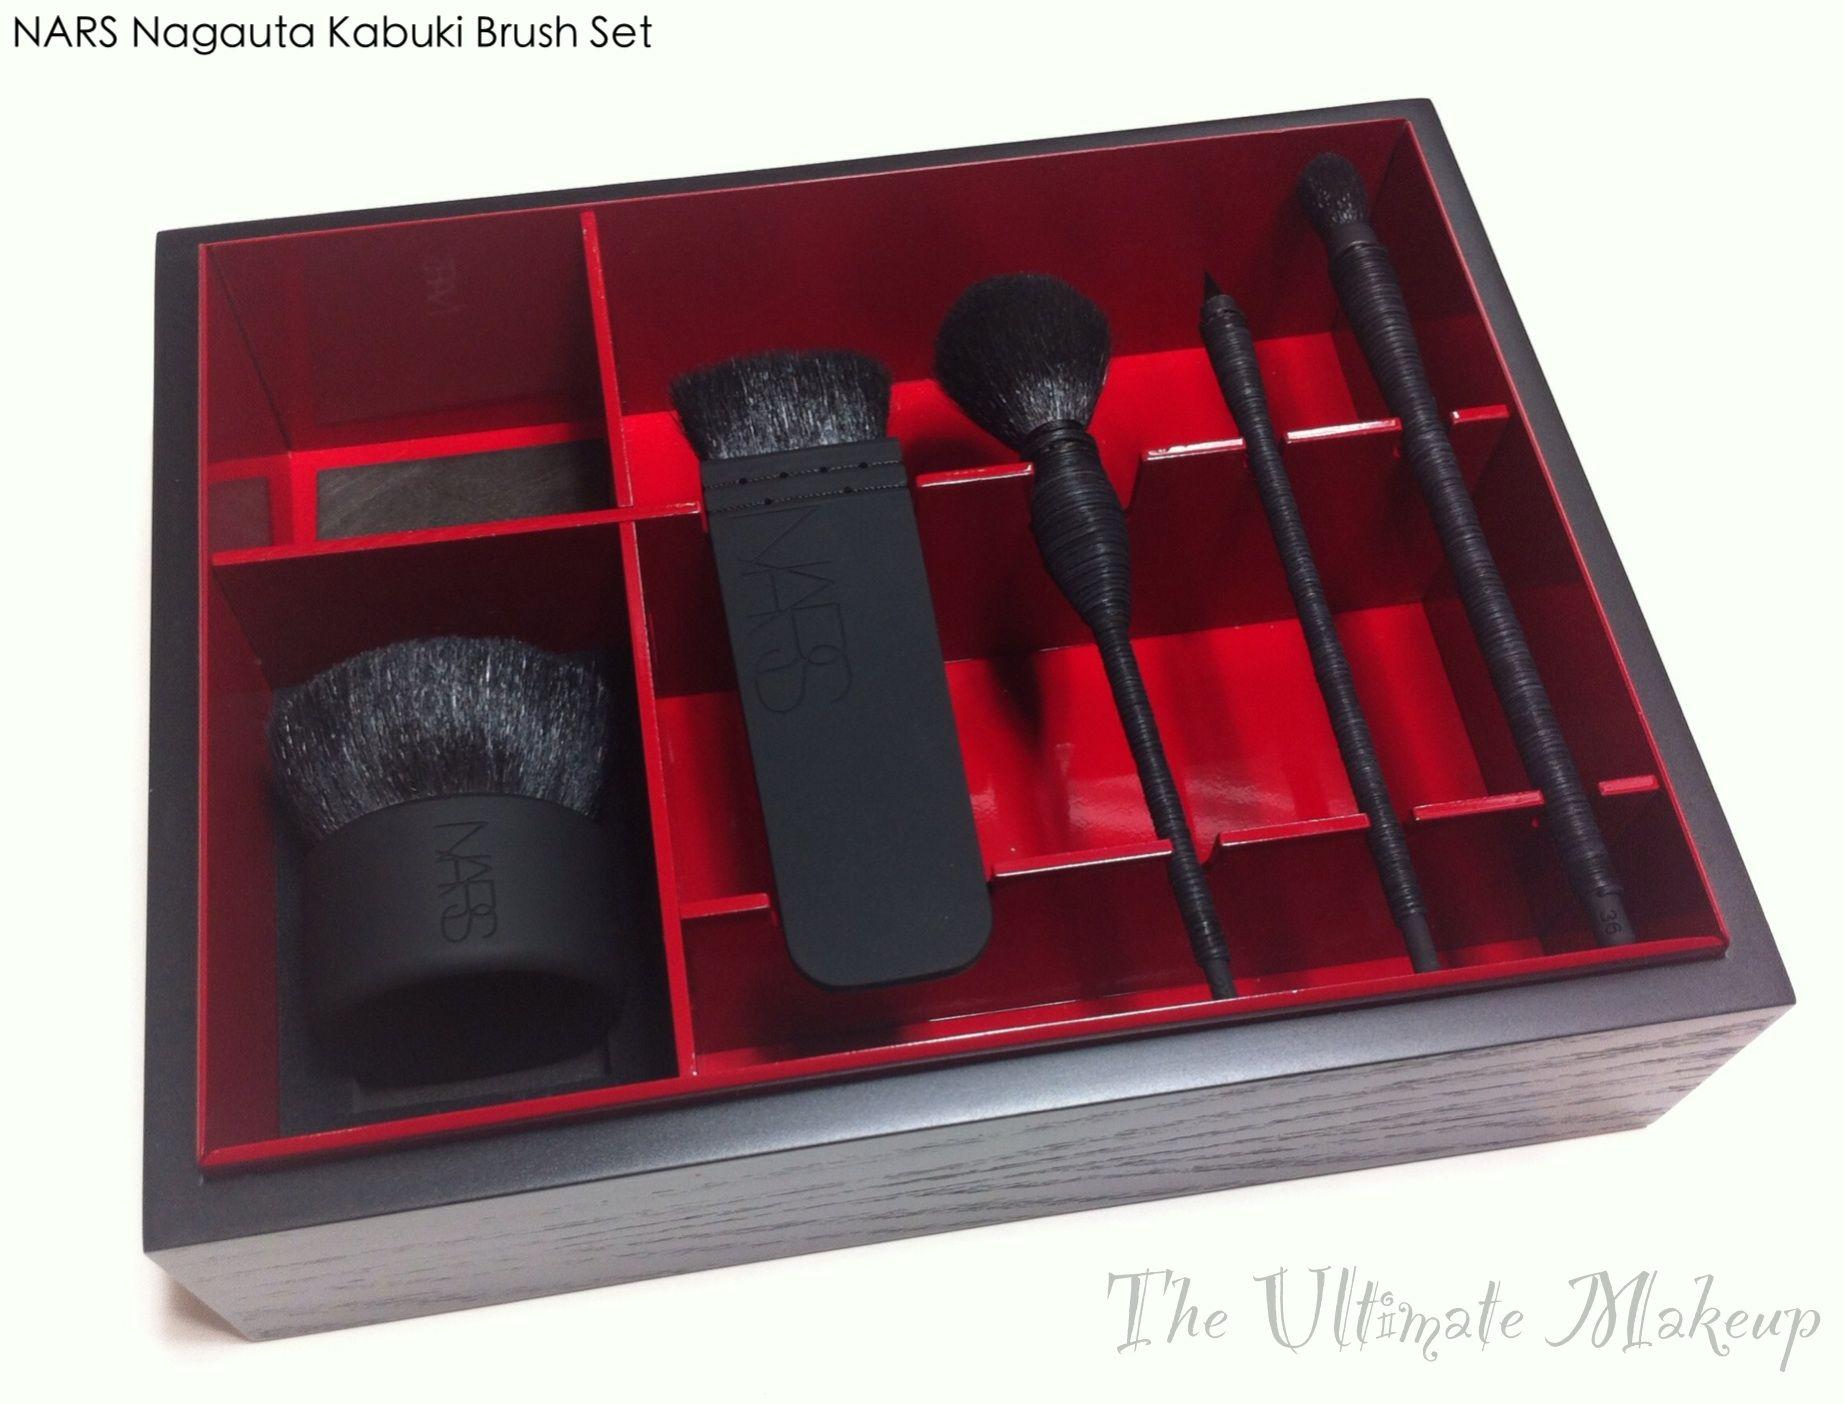 Nars Nagauta Kabuki Brush Set Makeup, Makeup junkie